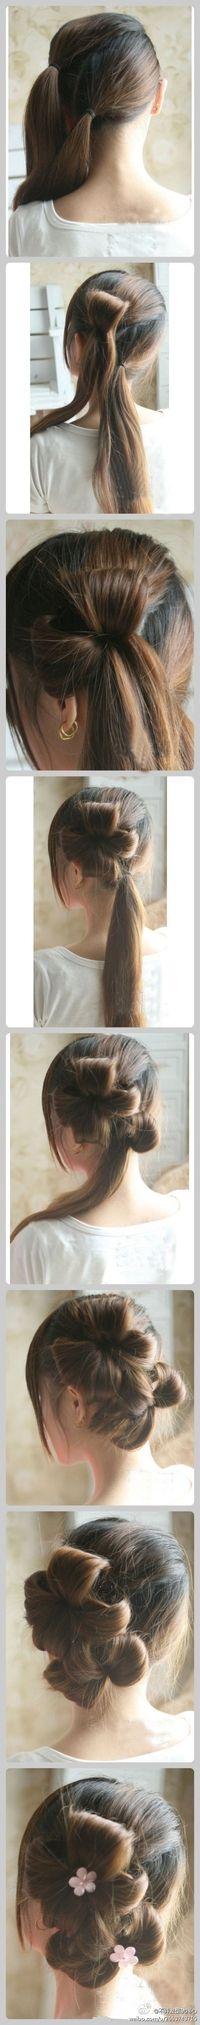 con dos flores en el pelo